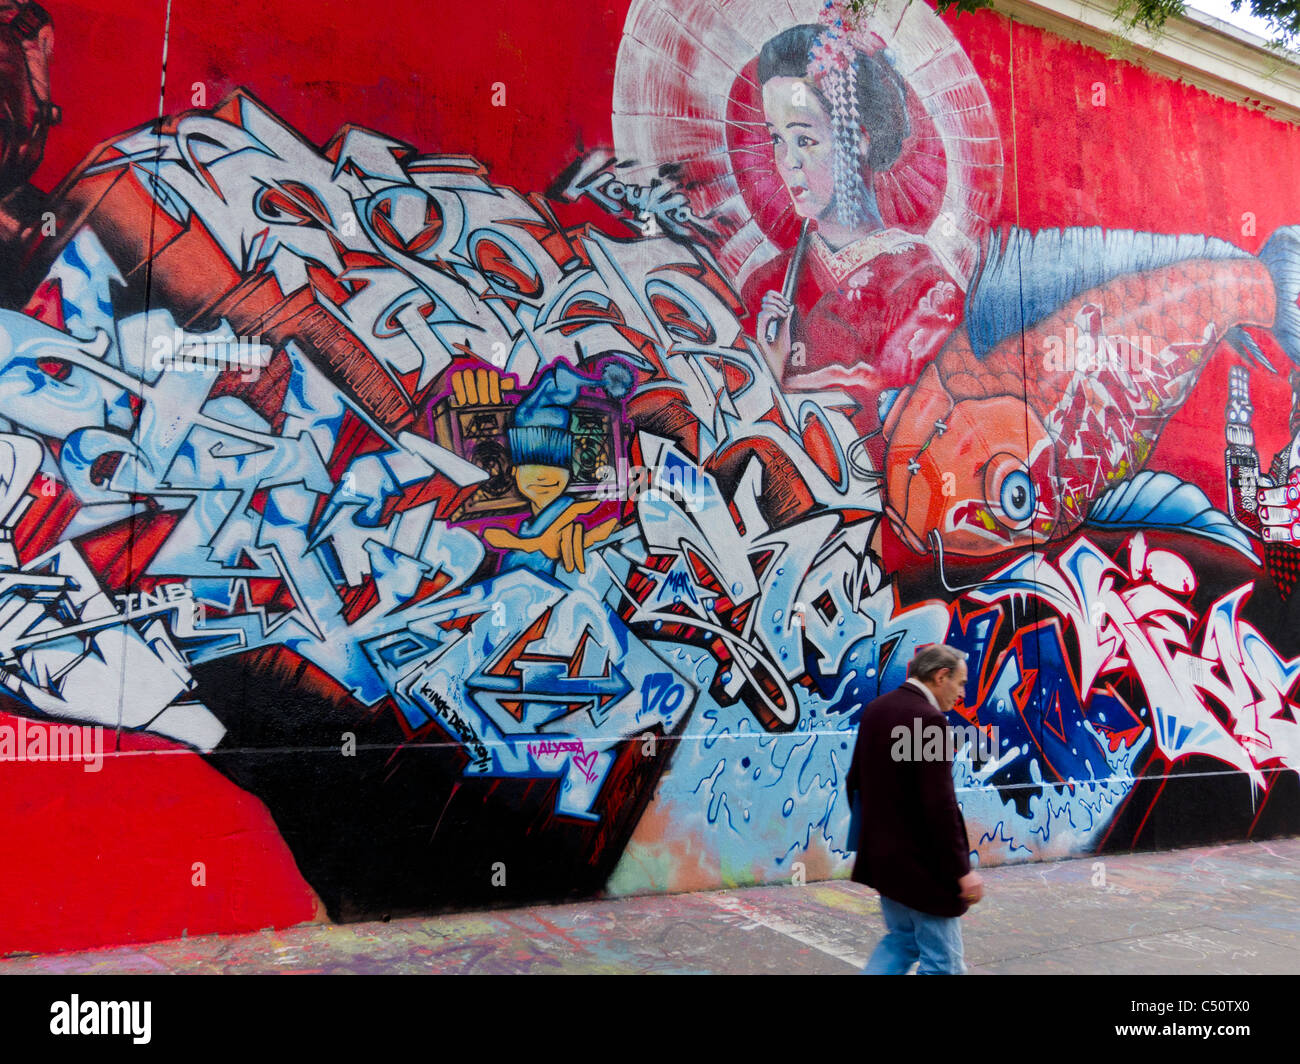 Parigi, Francia, arte dei graffiti, pubblico, pittura a parete, tema Giapponese, Scene di strada Immagini Stock